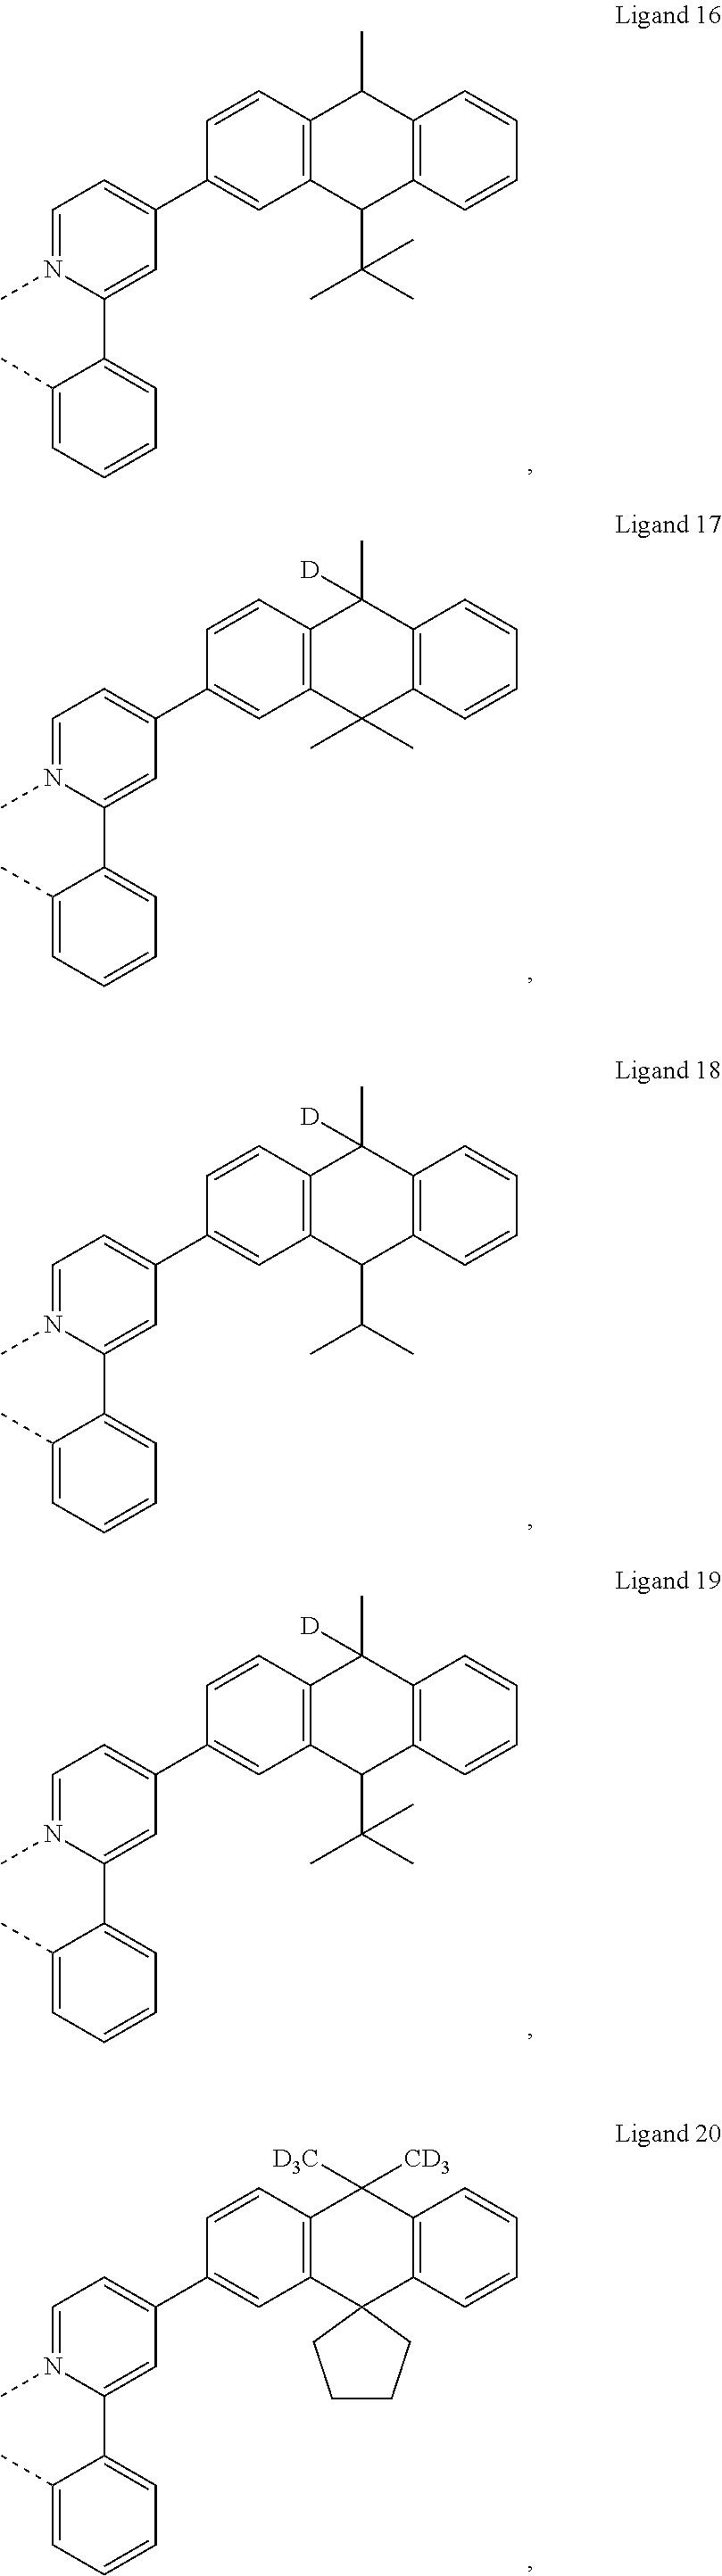 Figure US20180130962A1-20180510-C00231